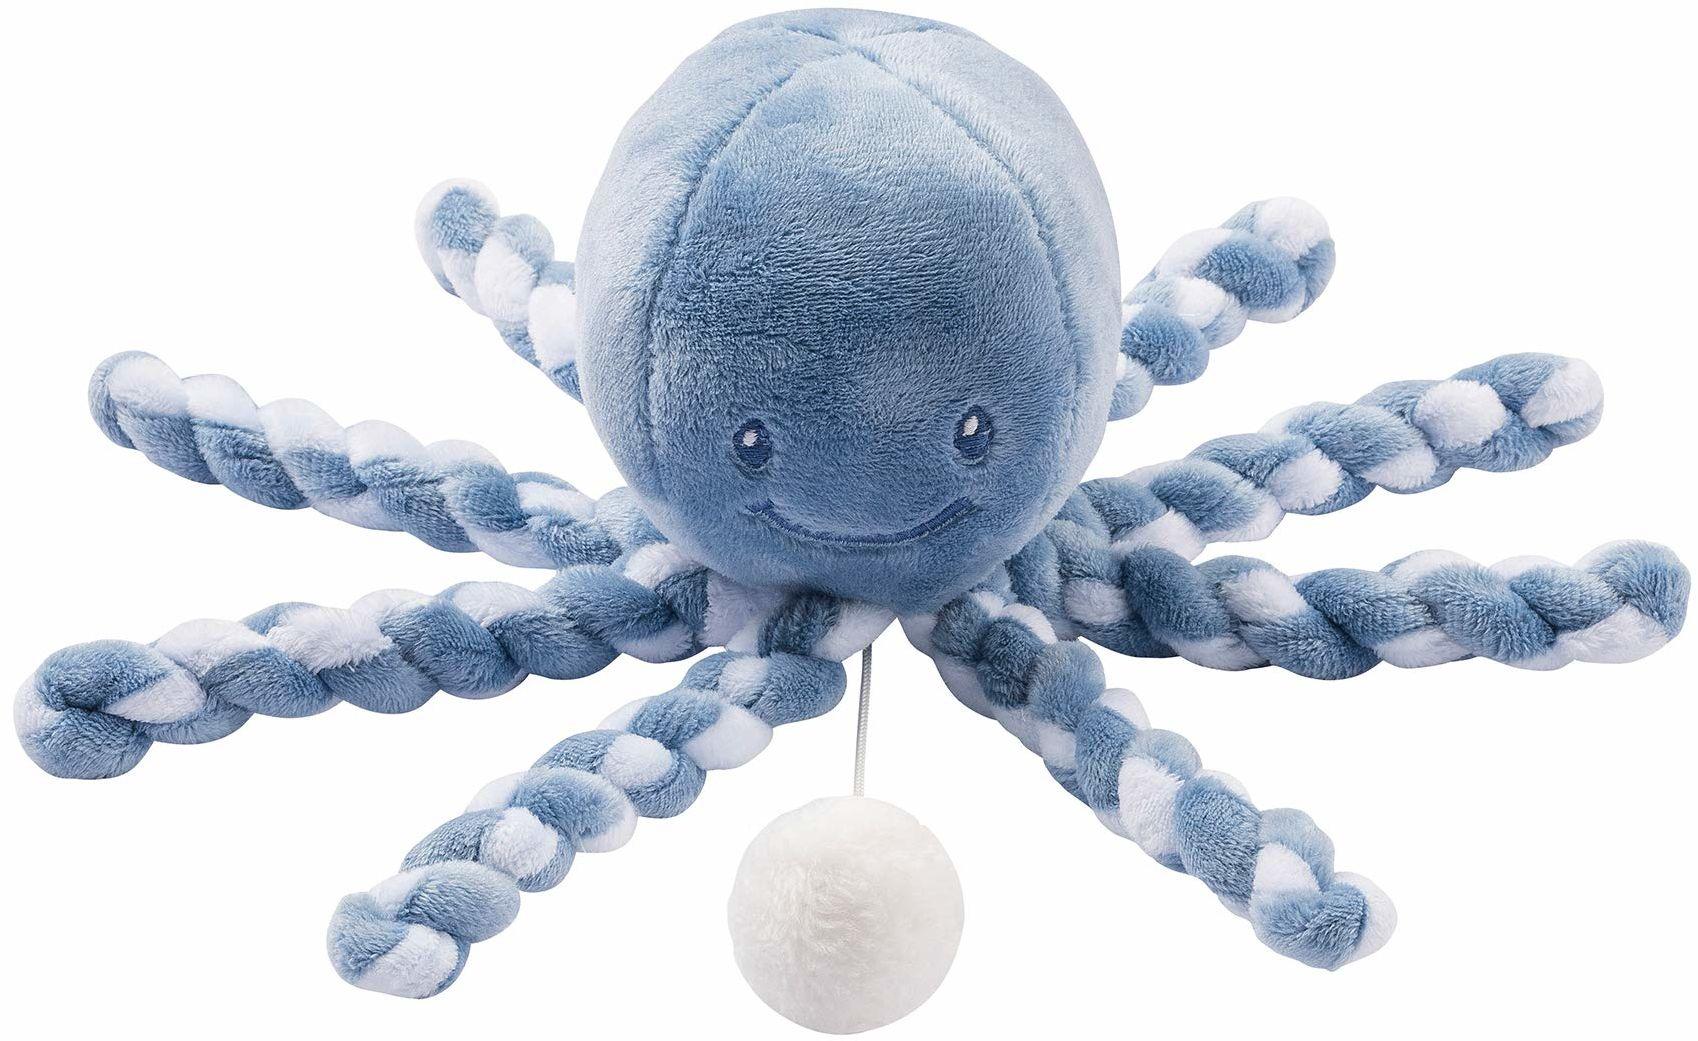 Nattou Zegar z pozytywką Oktopus, Wagelied La-Le-Lu , dla noworodków i wcześniaków, 23 cm, Lapidou, niebieski/jasnoniebieski